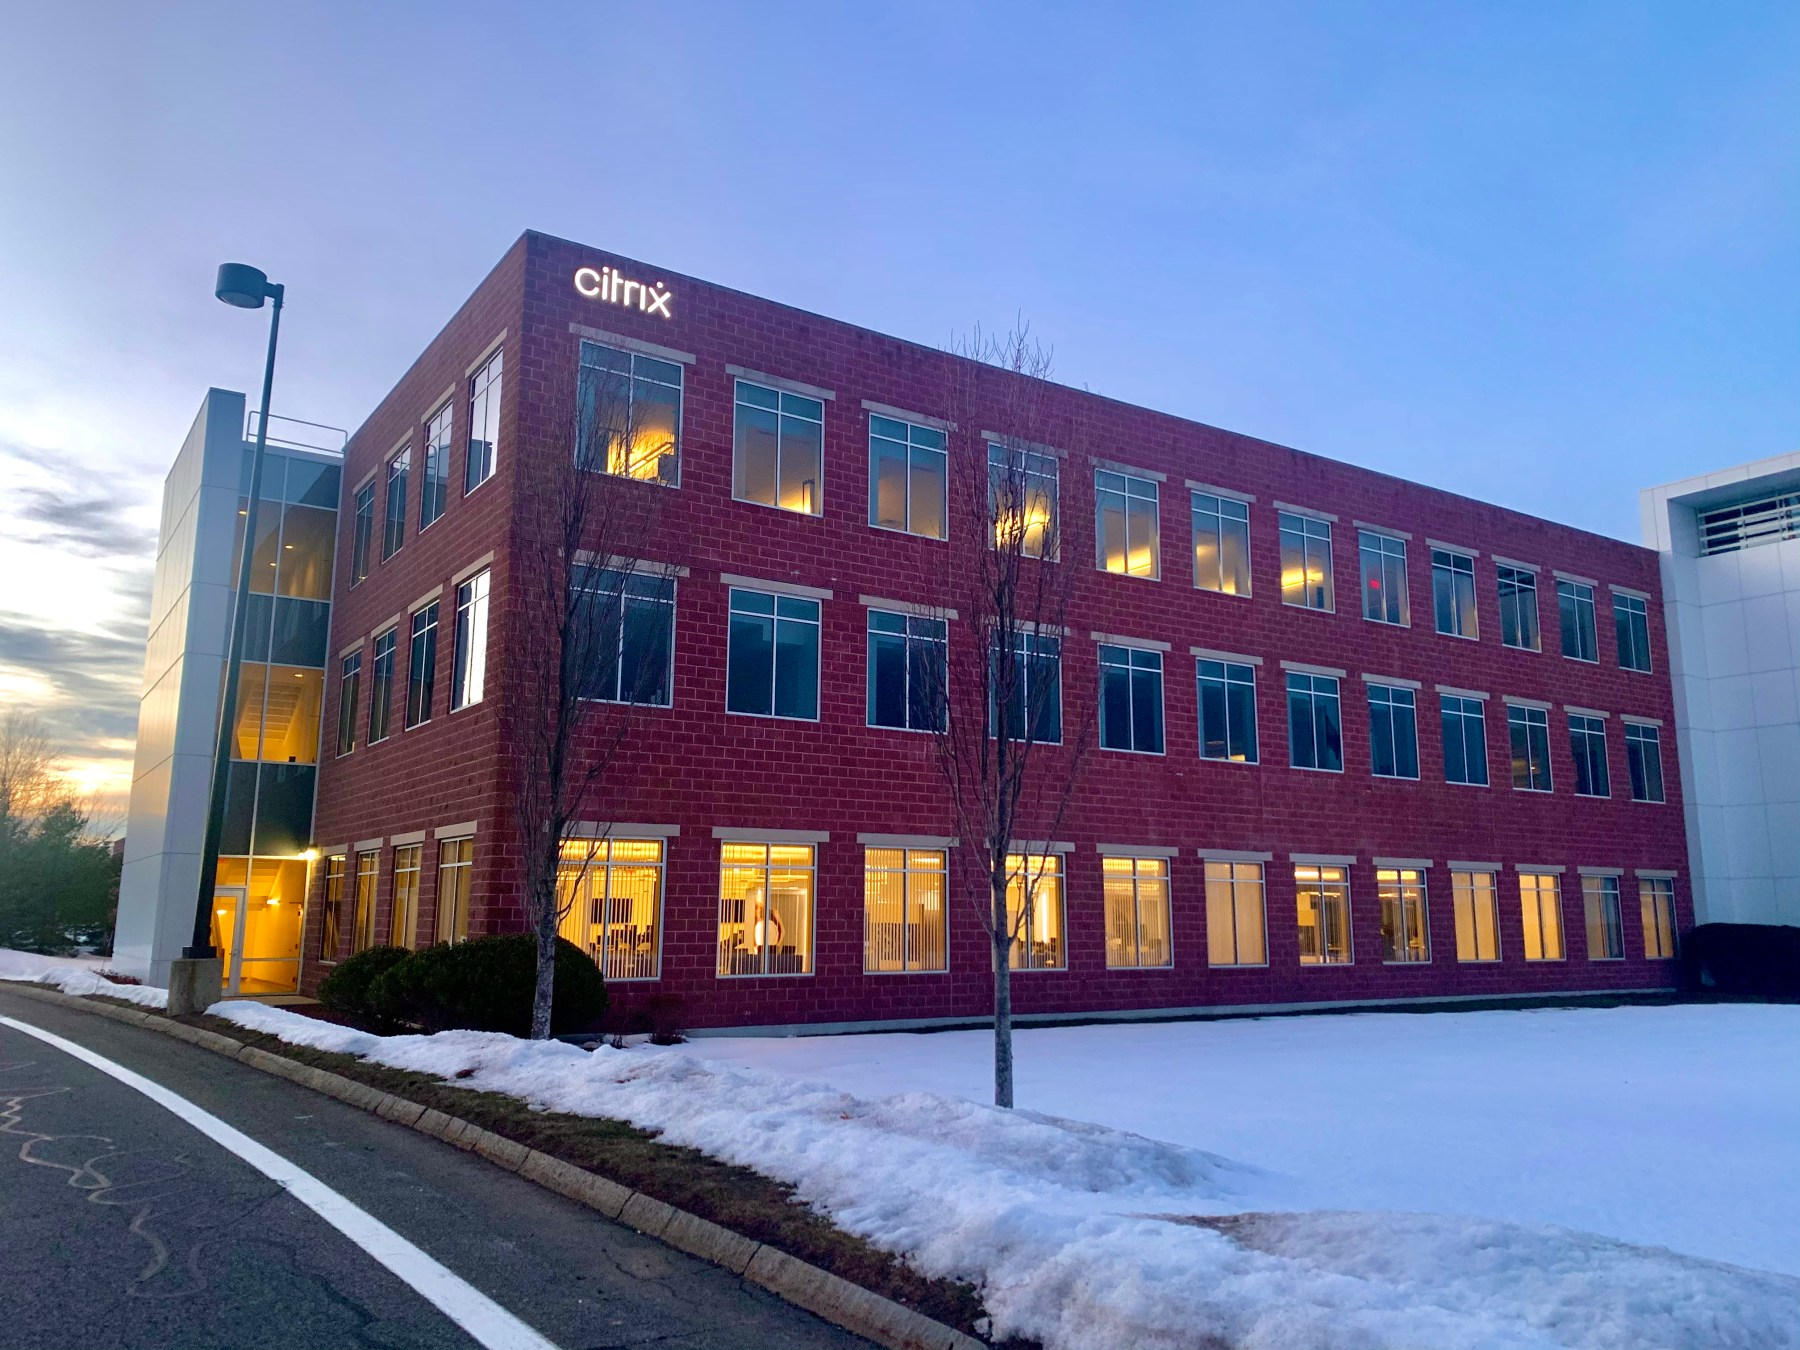 Citrix, 15 Network Drive, Burlington, MA